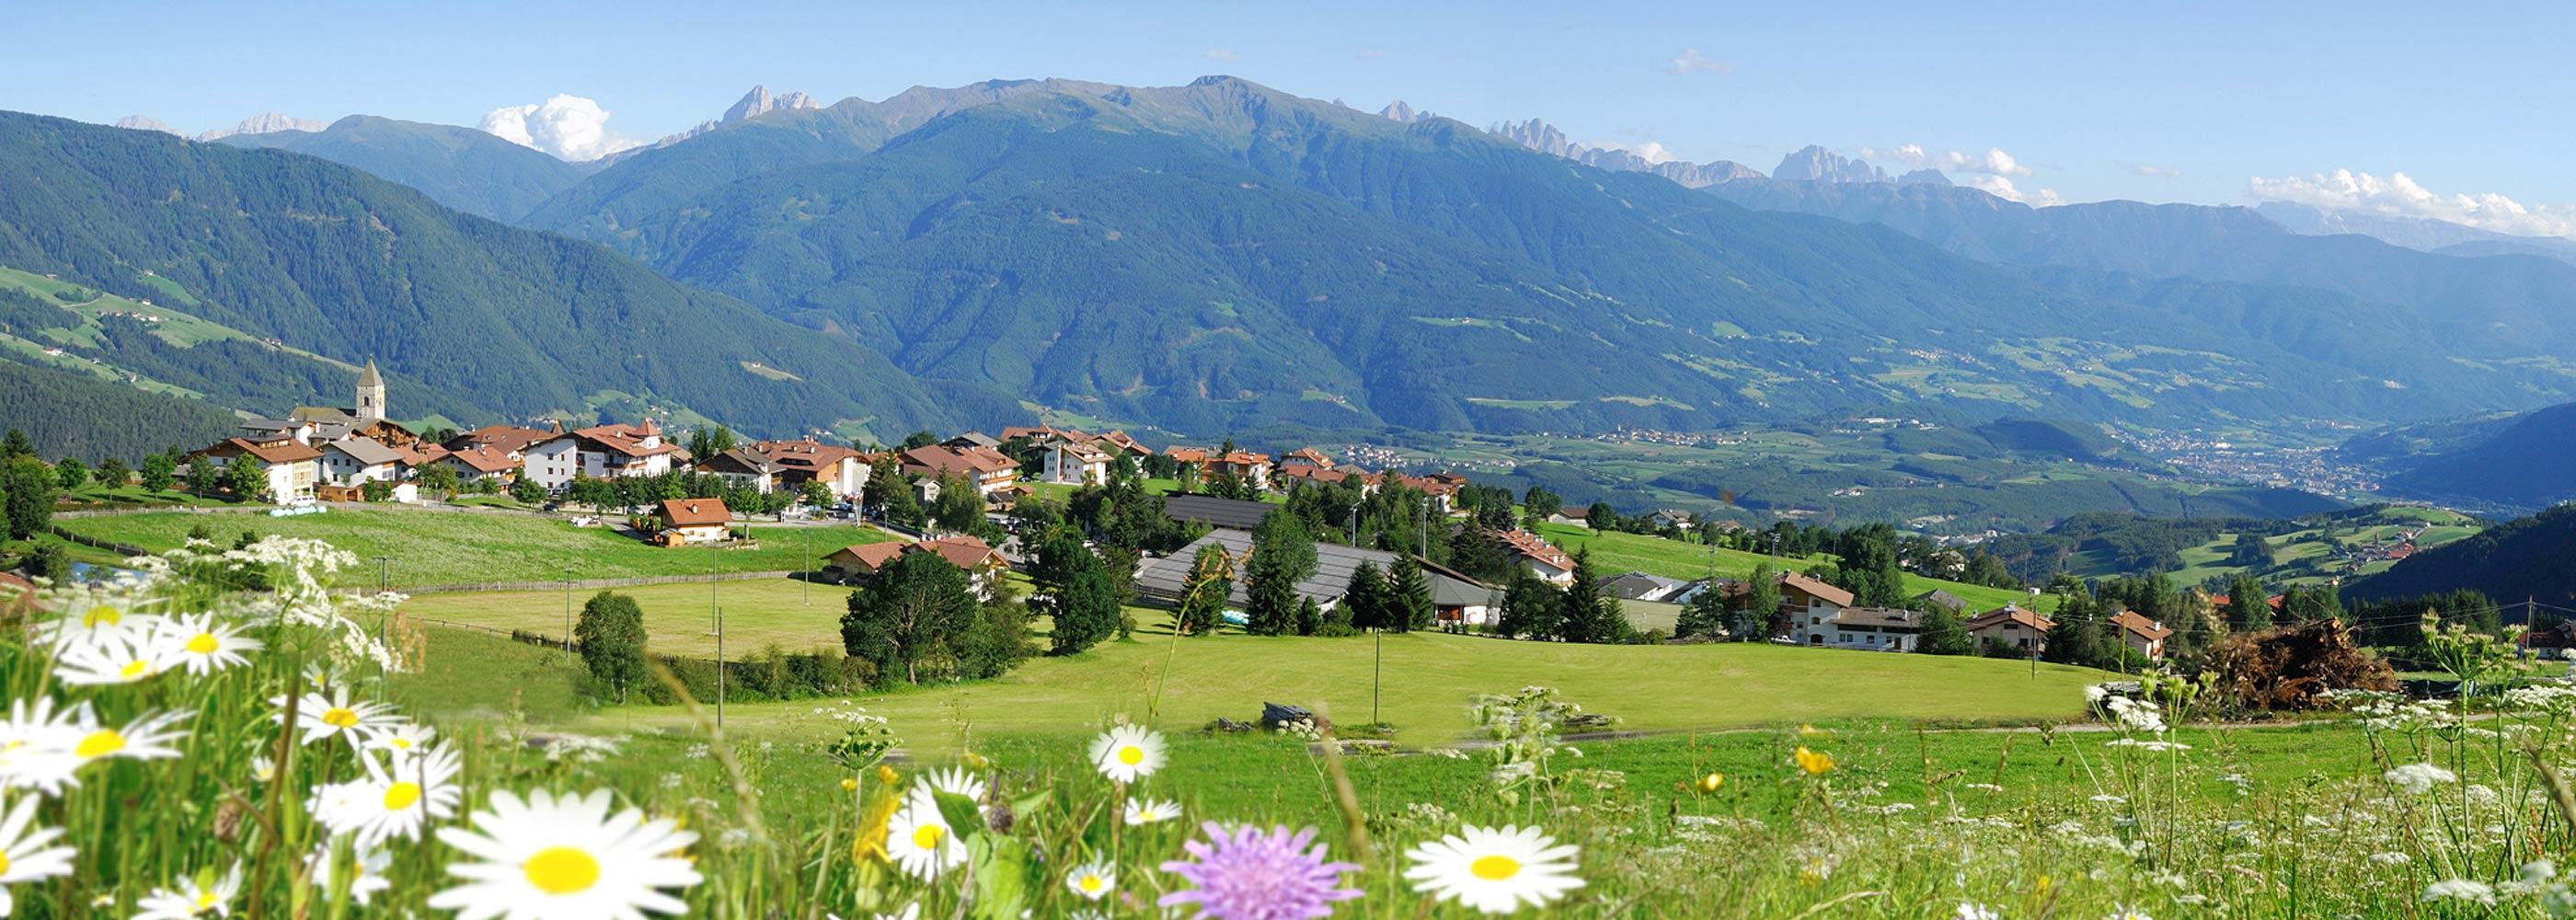 pano-appartamento-vacanze-escursionistiche-maranza-ferienwohnung-wanderurlaub-meransen